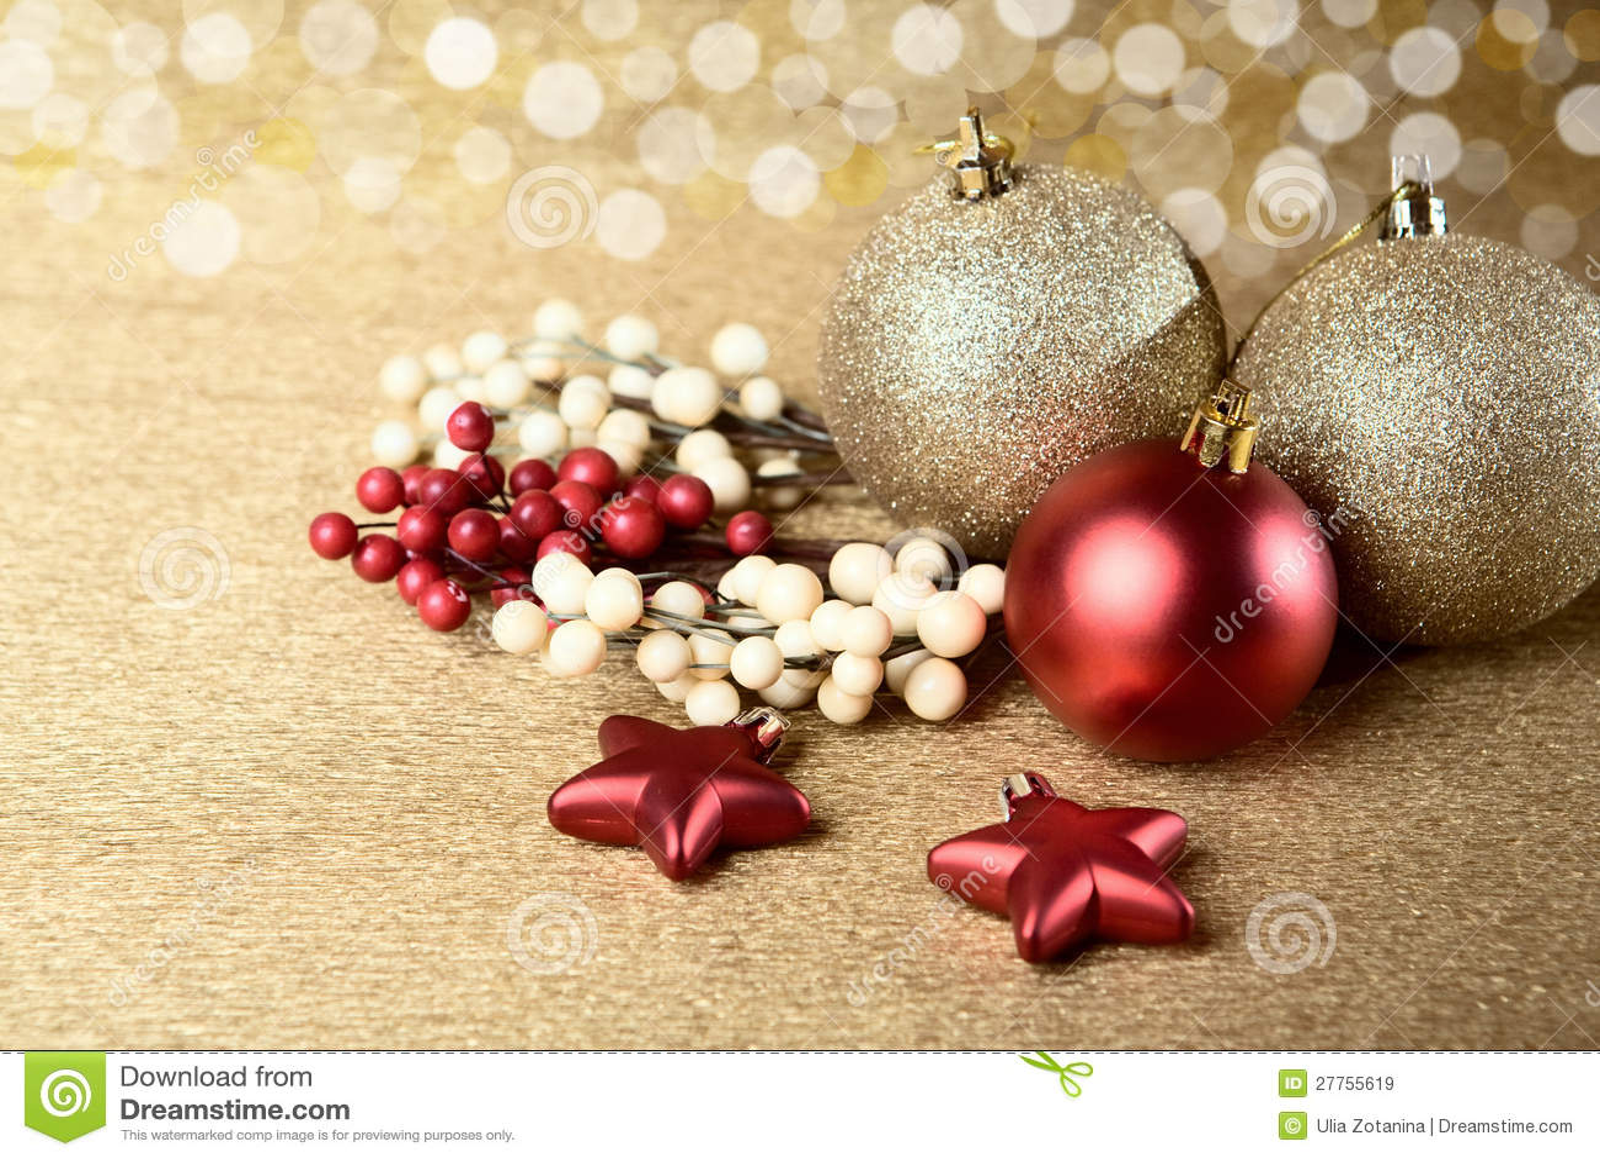 hintergrund weihnachten stockbild bild von weihnachten. Black Bedroom Furniture Sets. Home Design Ideas